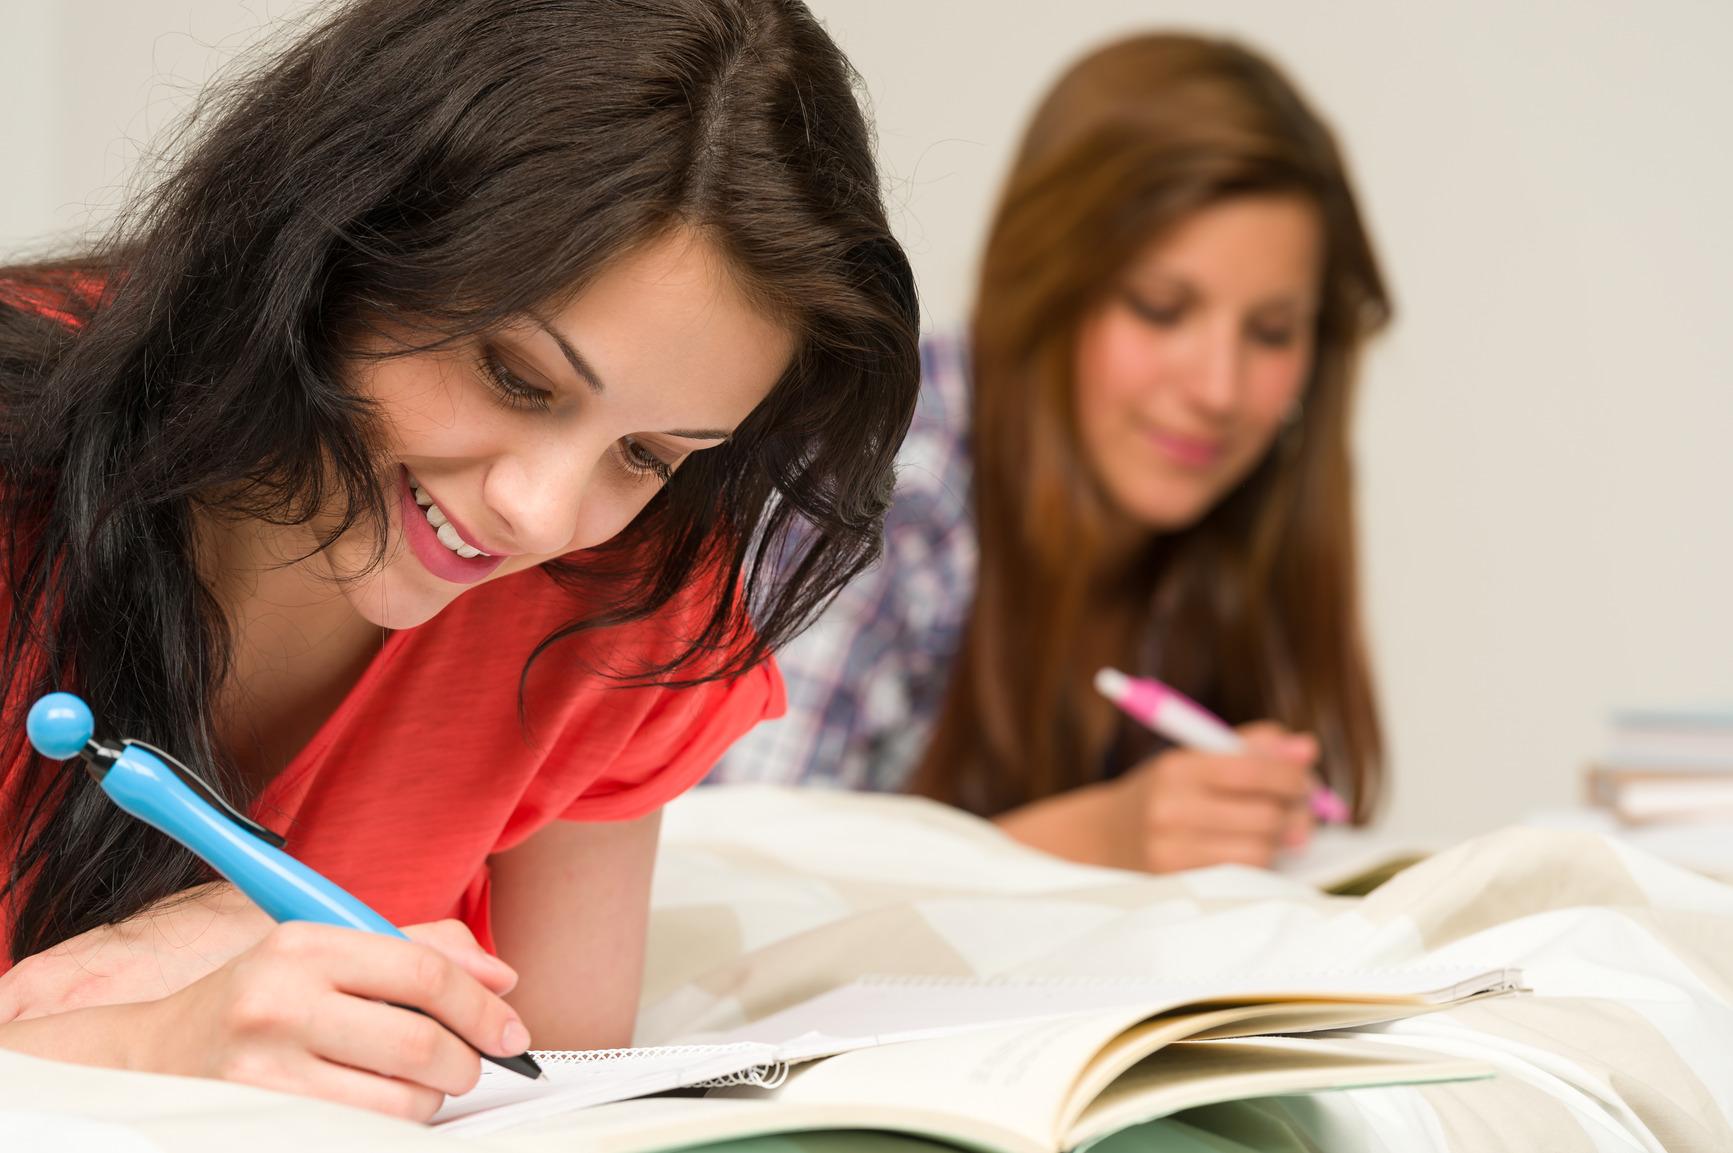 Αποτέλεσμα εικόνας για girls studying